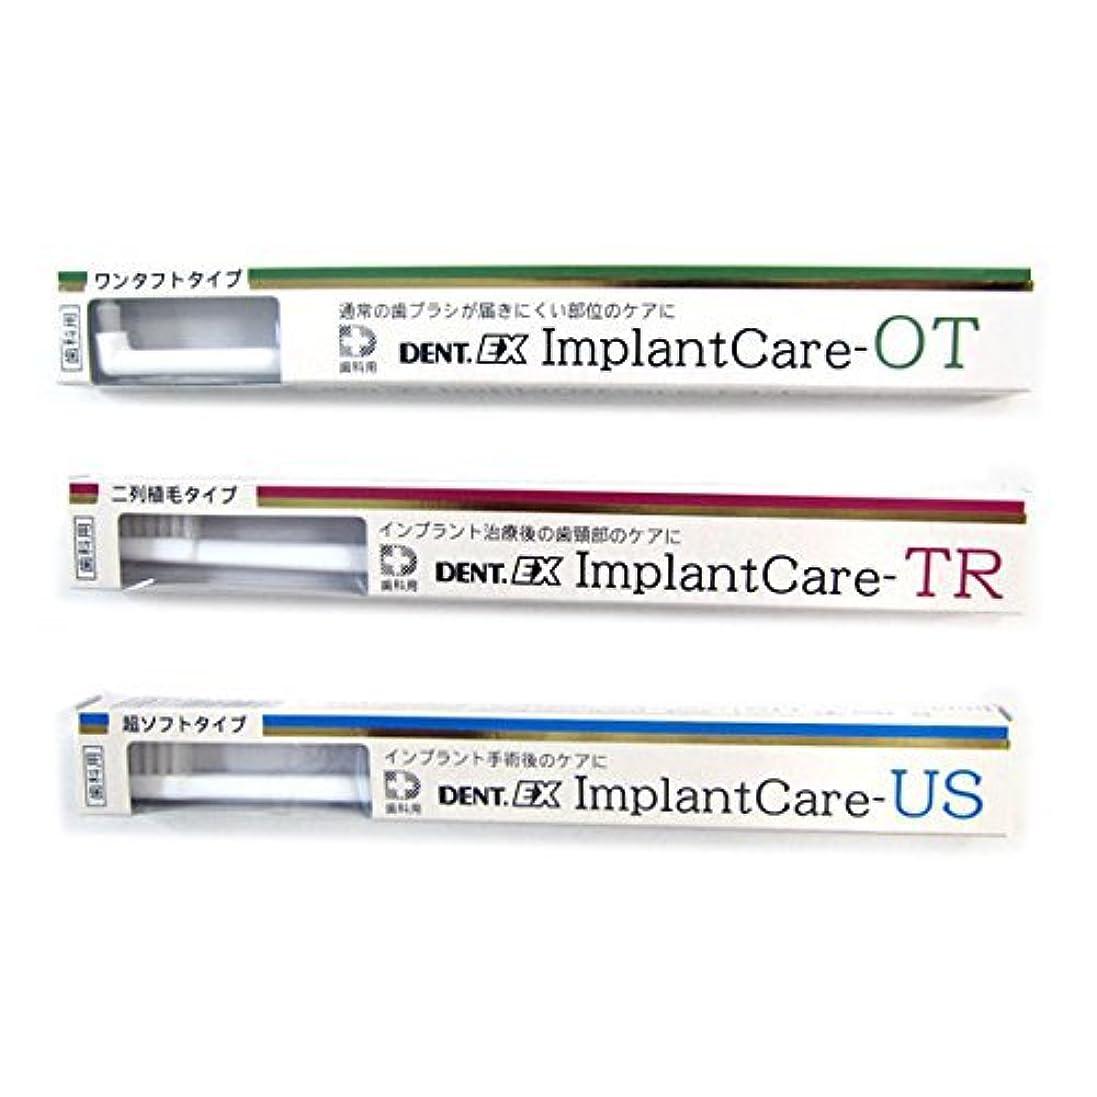 絶滅した小麦小石デント DENT EX ImplantCare インプラントケア 単品 TR(二列)